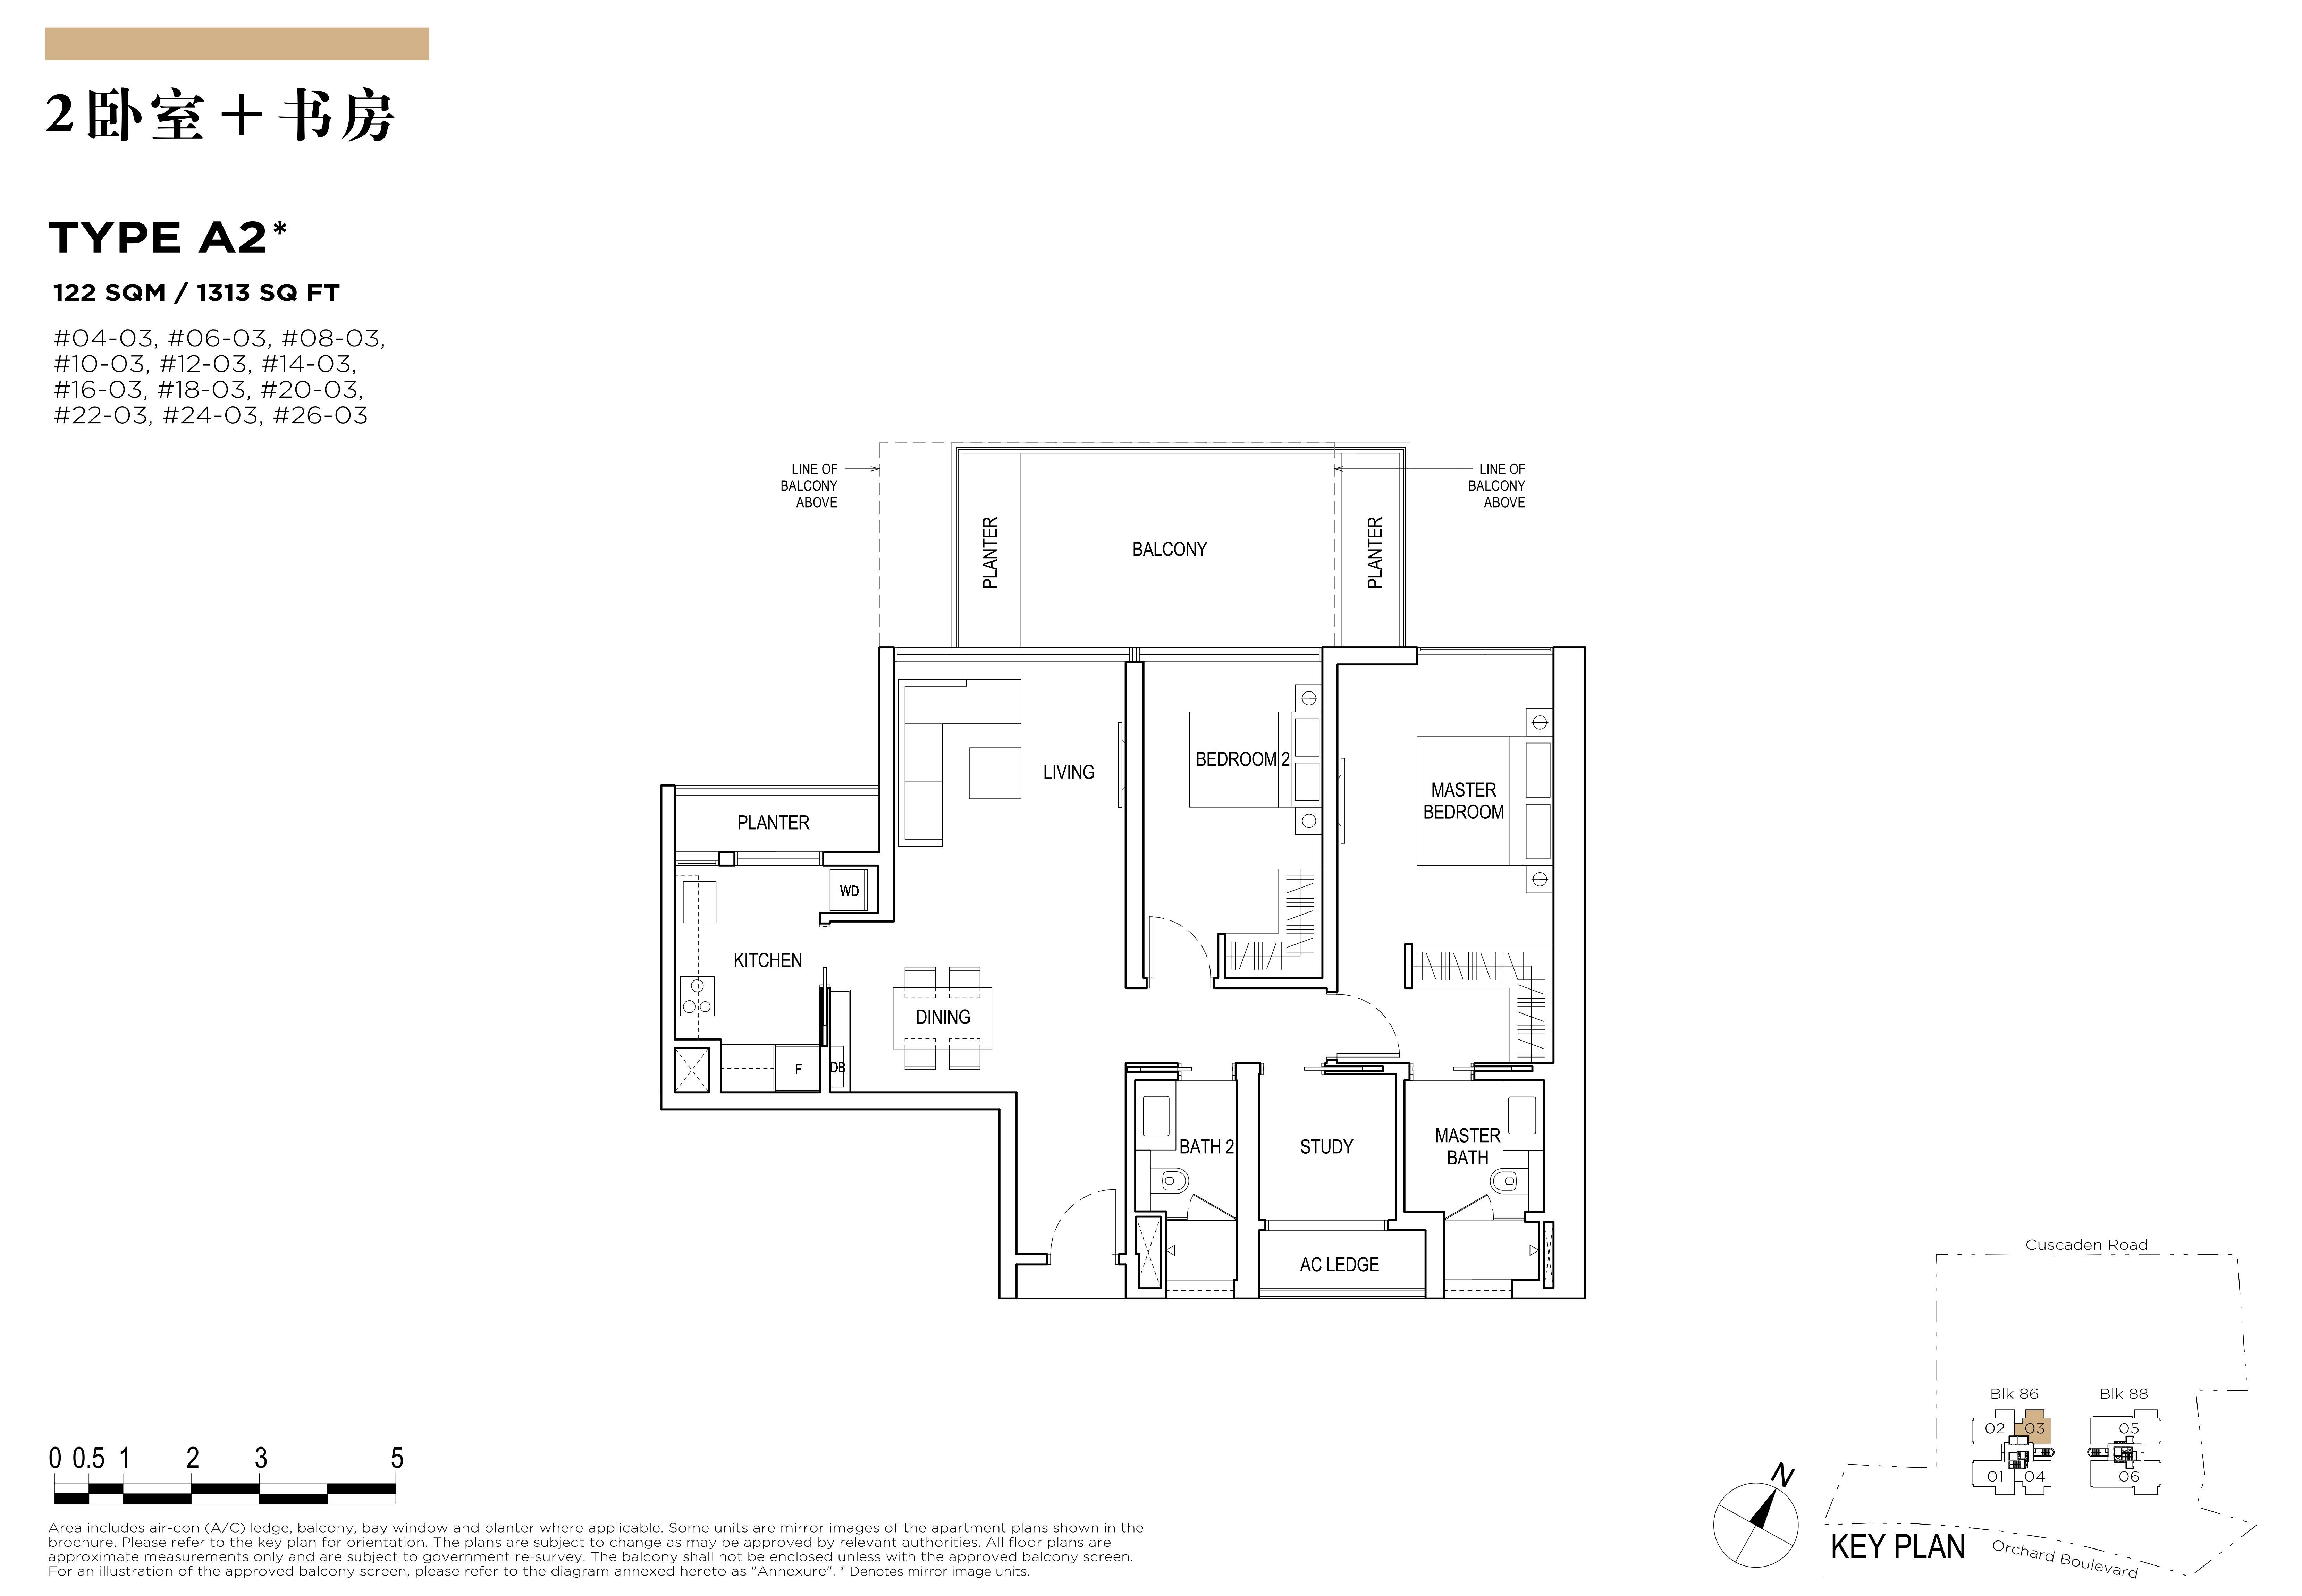 铂瑞雅居 Boulevard 88 floor plan 2 卧房+书房 a2